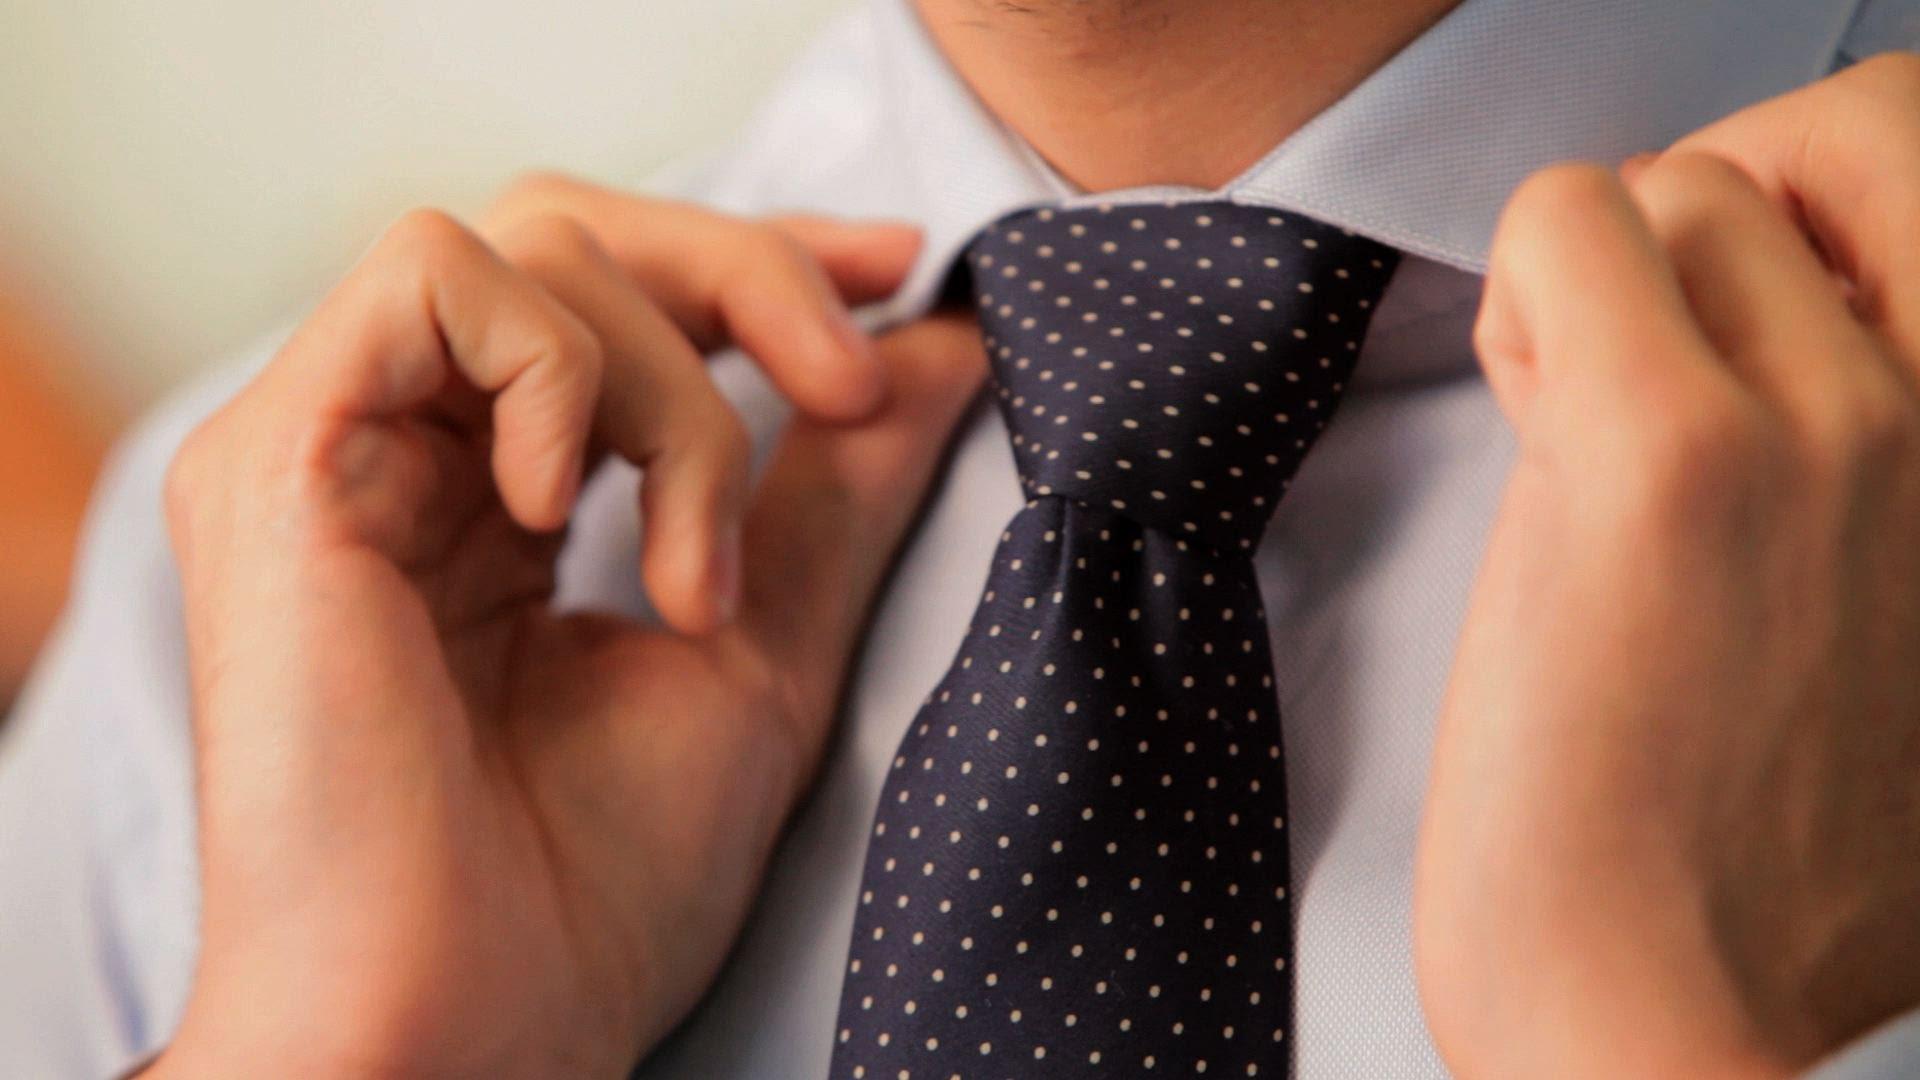 型男必備技能,打領帶超簡單!